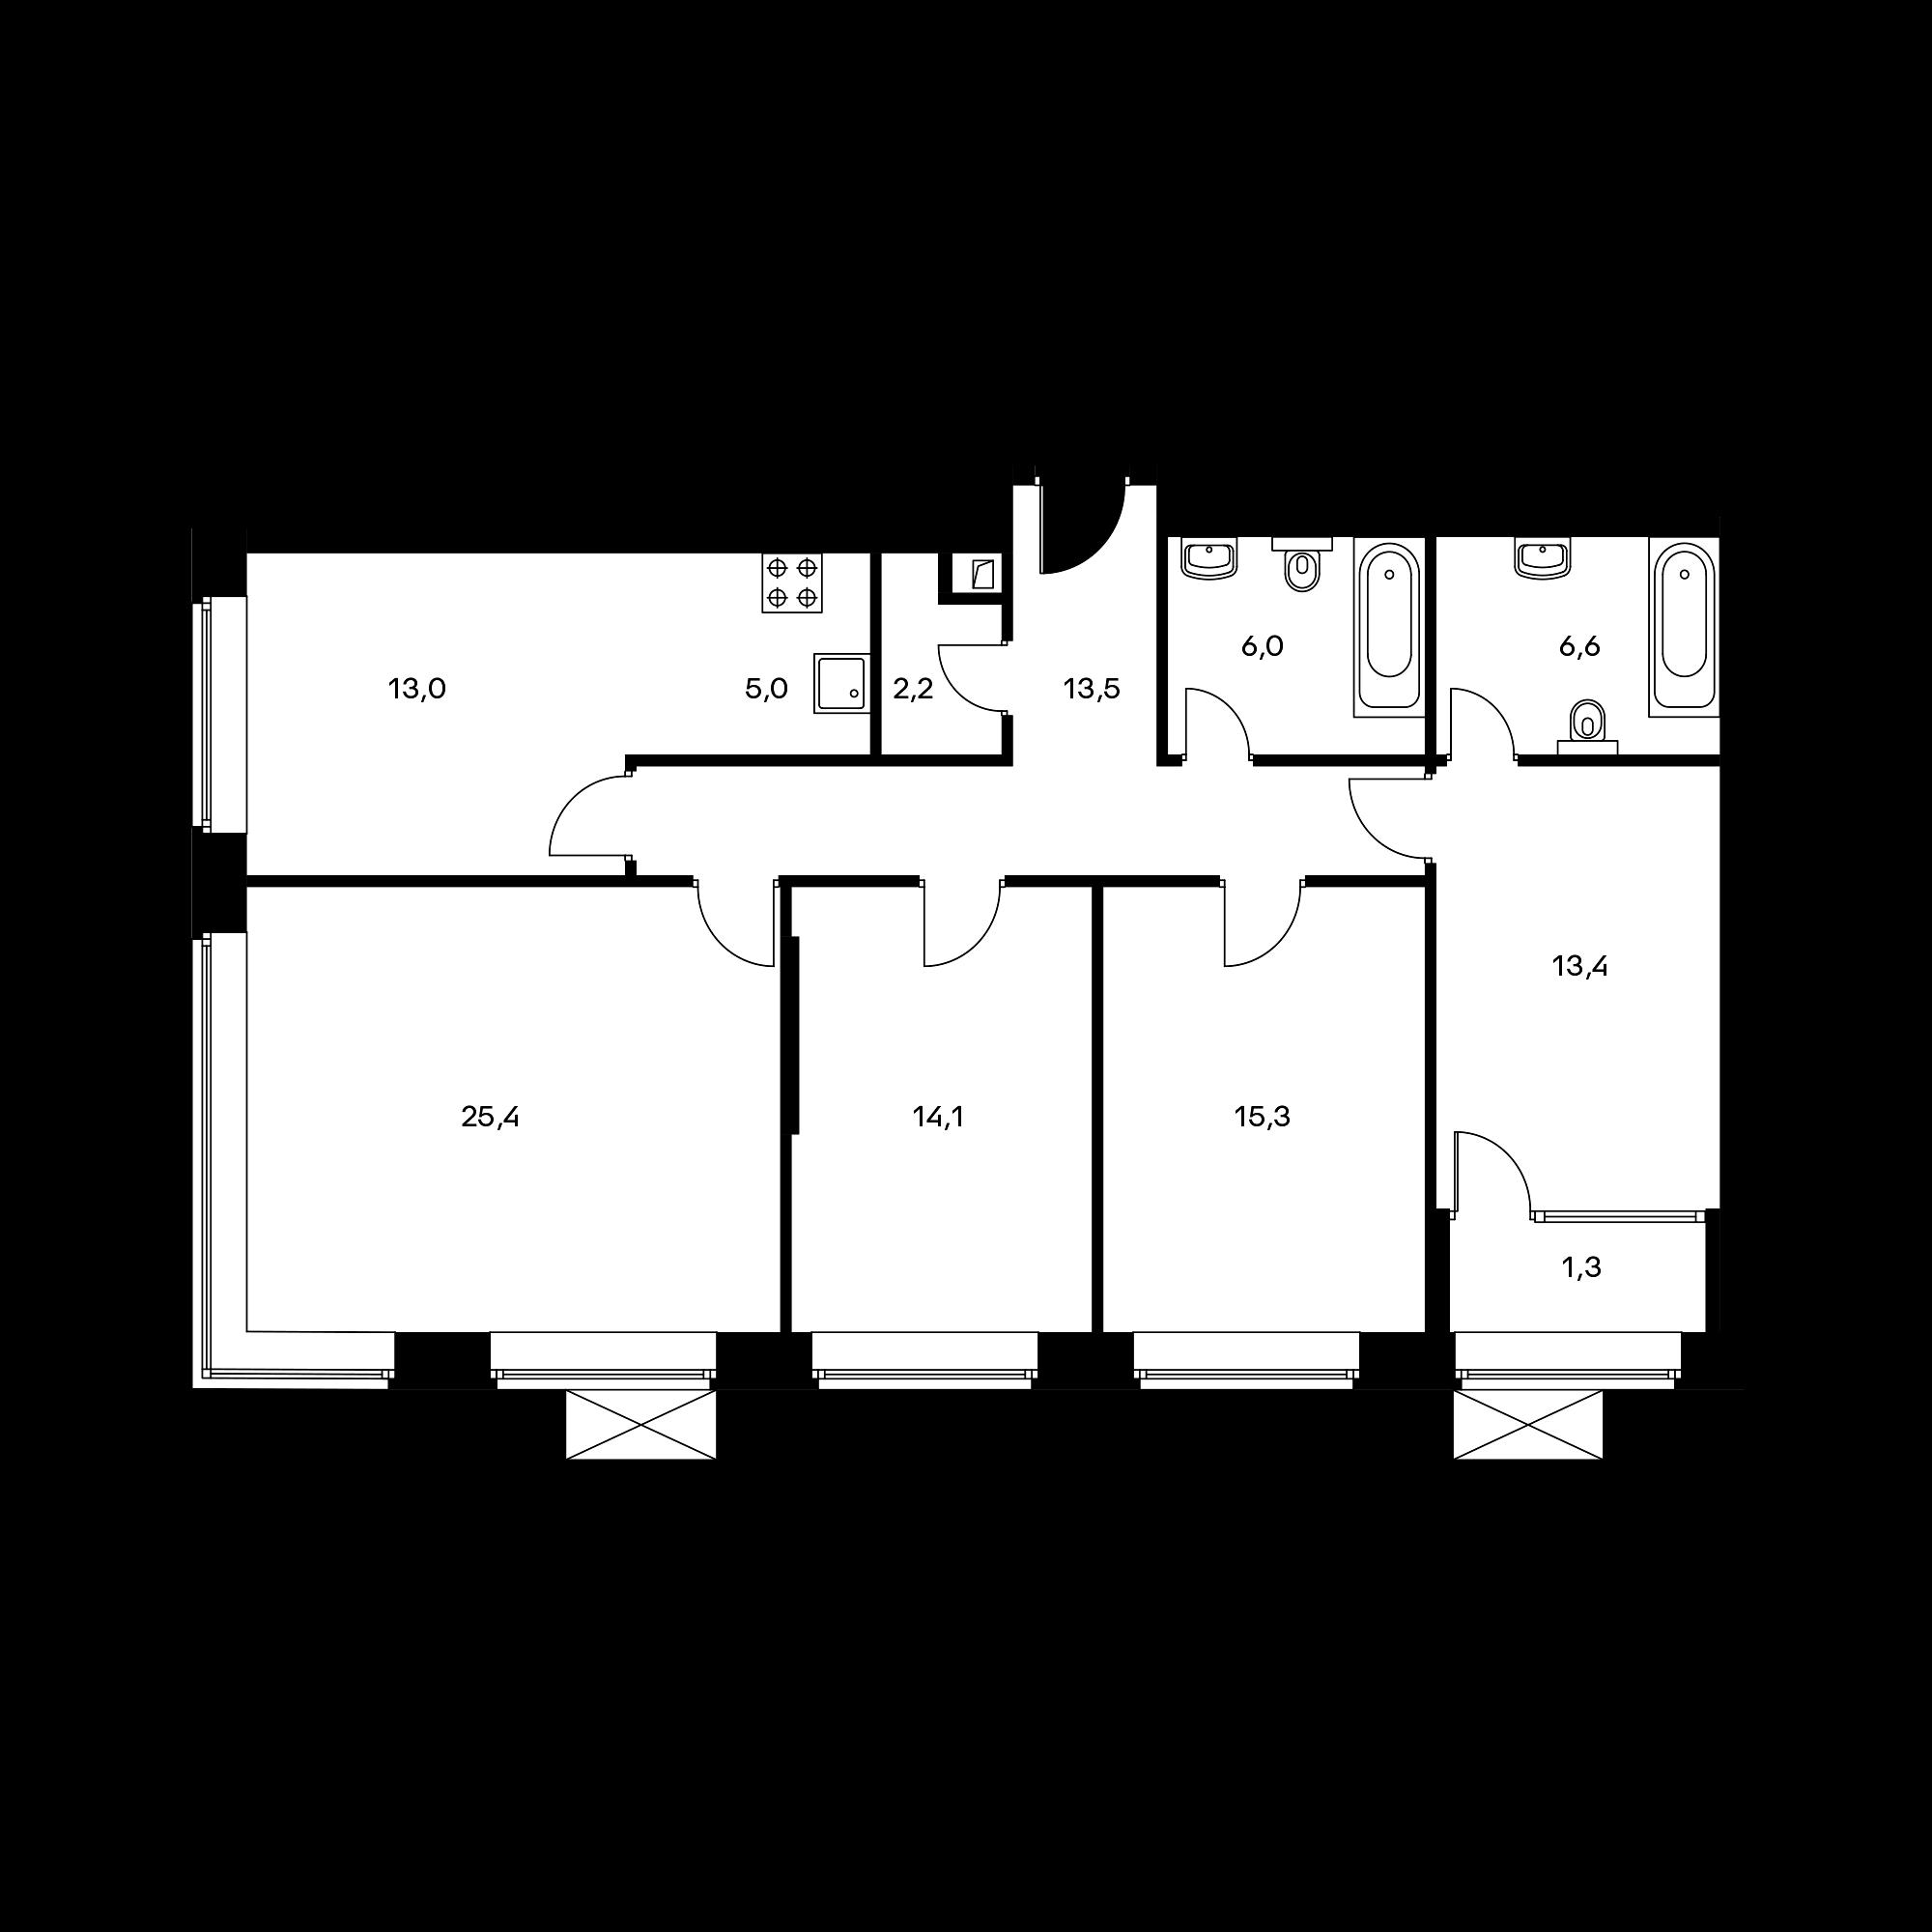 5-комнатная 116.6 м²